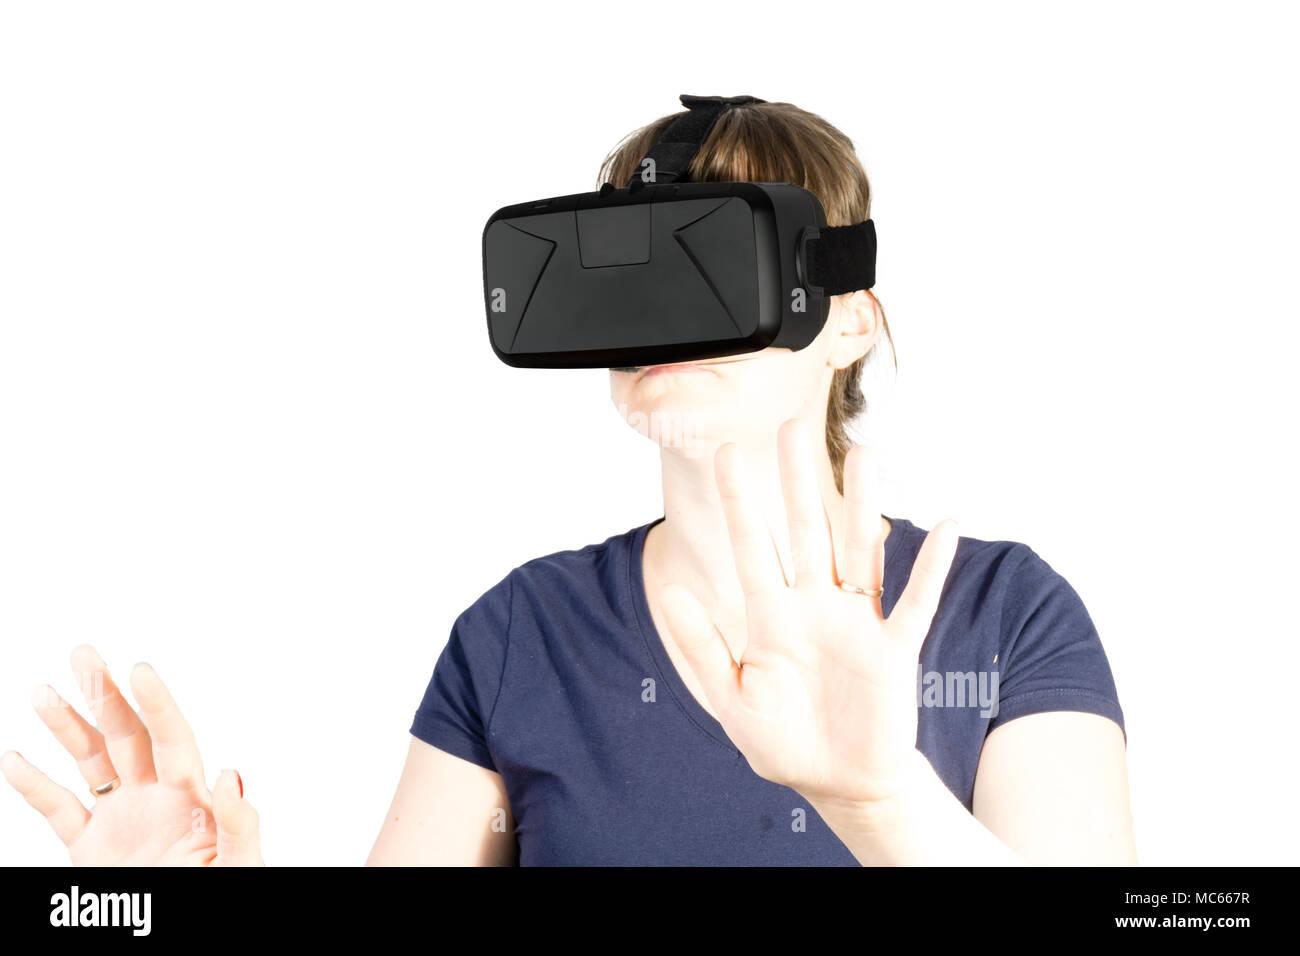 Belle jeune femme ajustant son casque VR. Isolé sur fond blanc Photo Stock